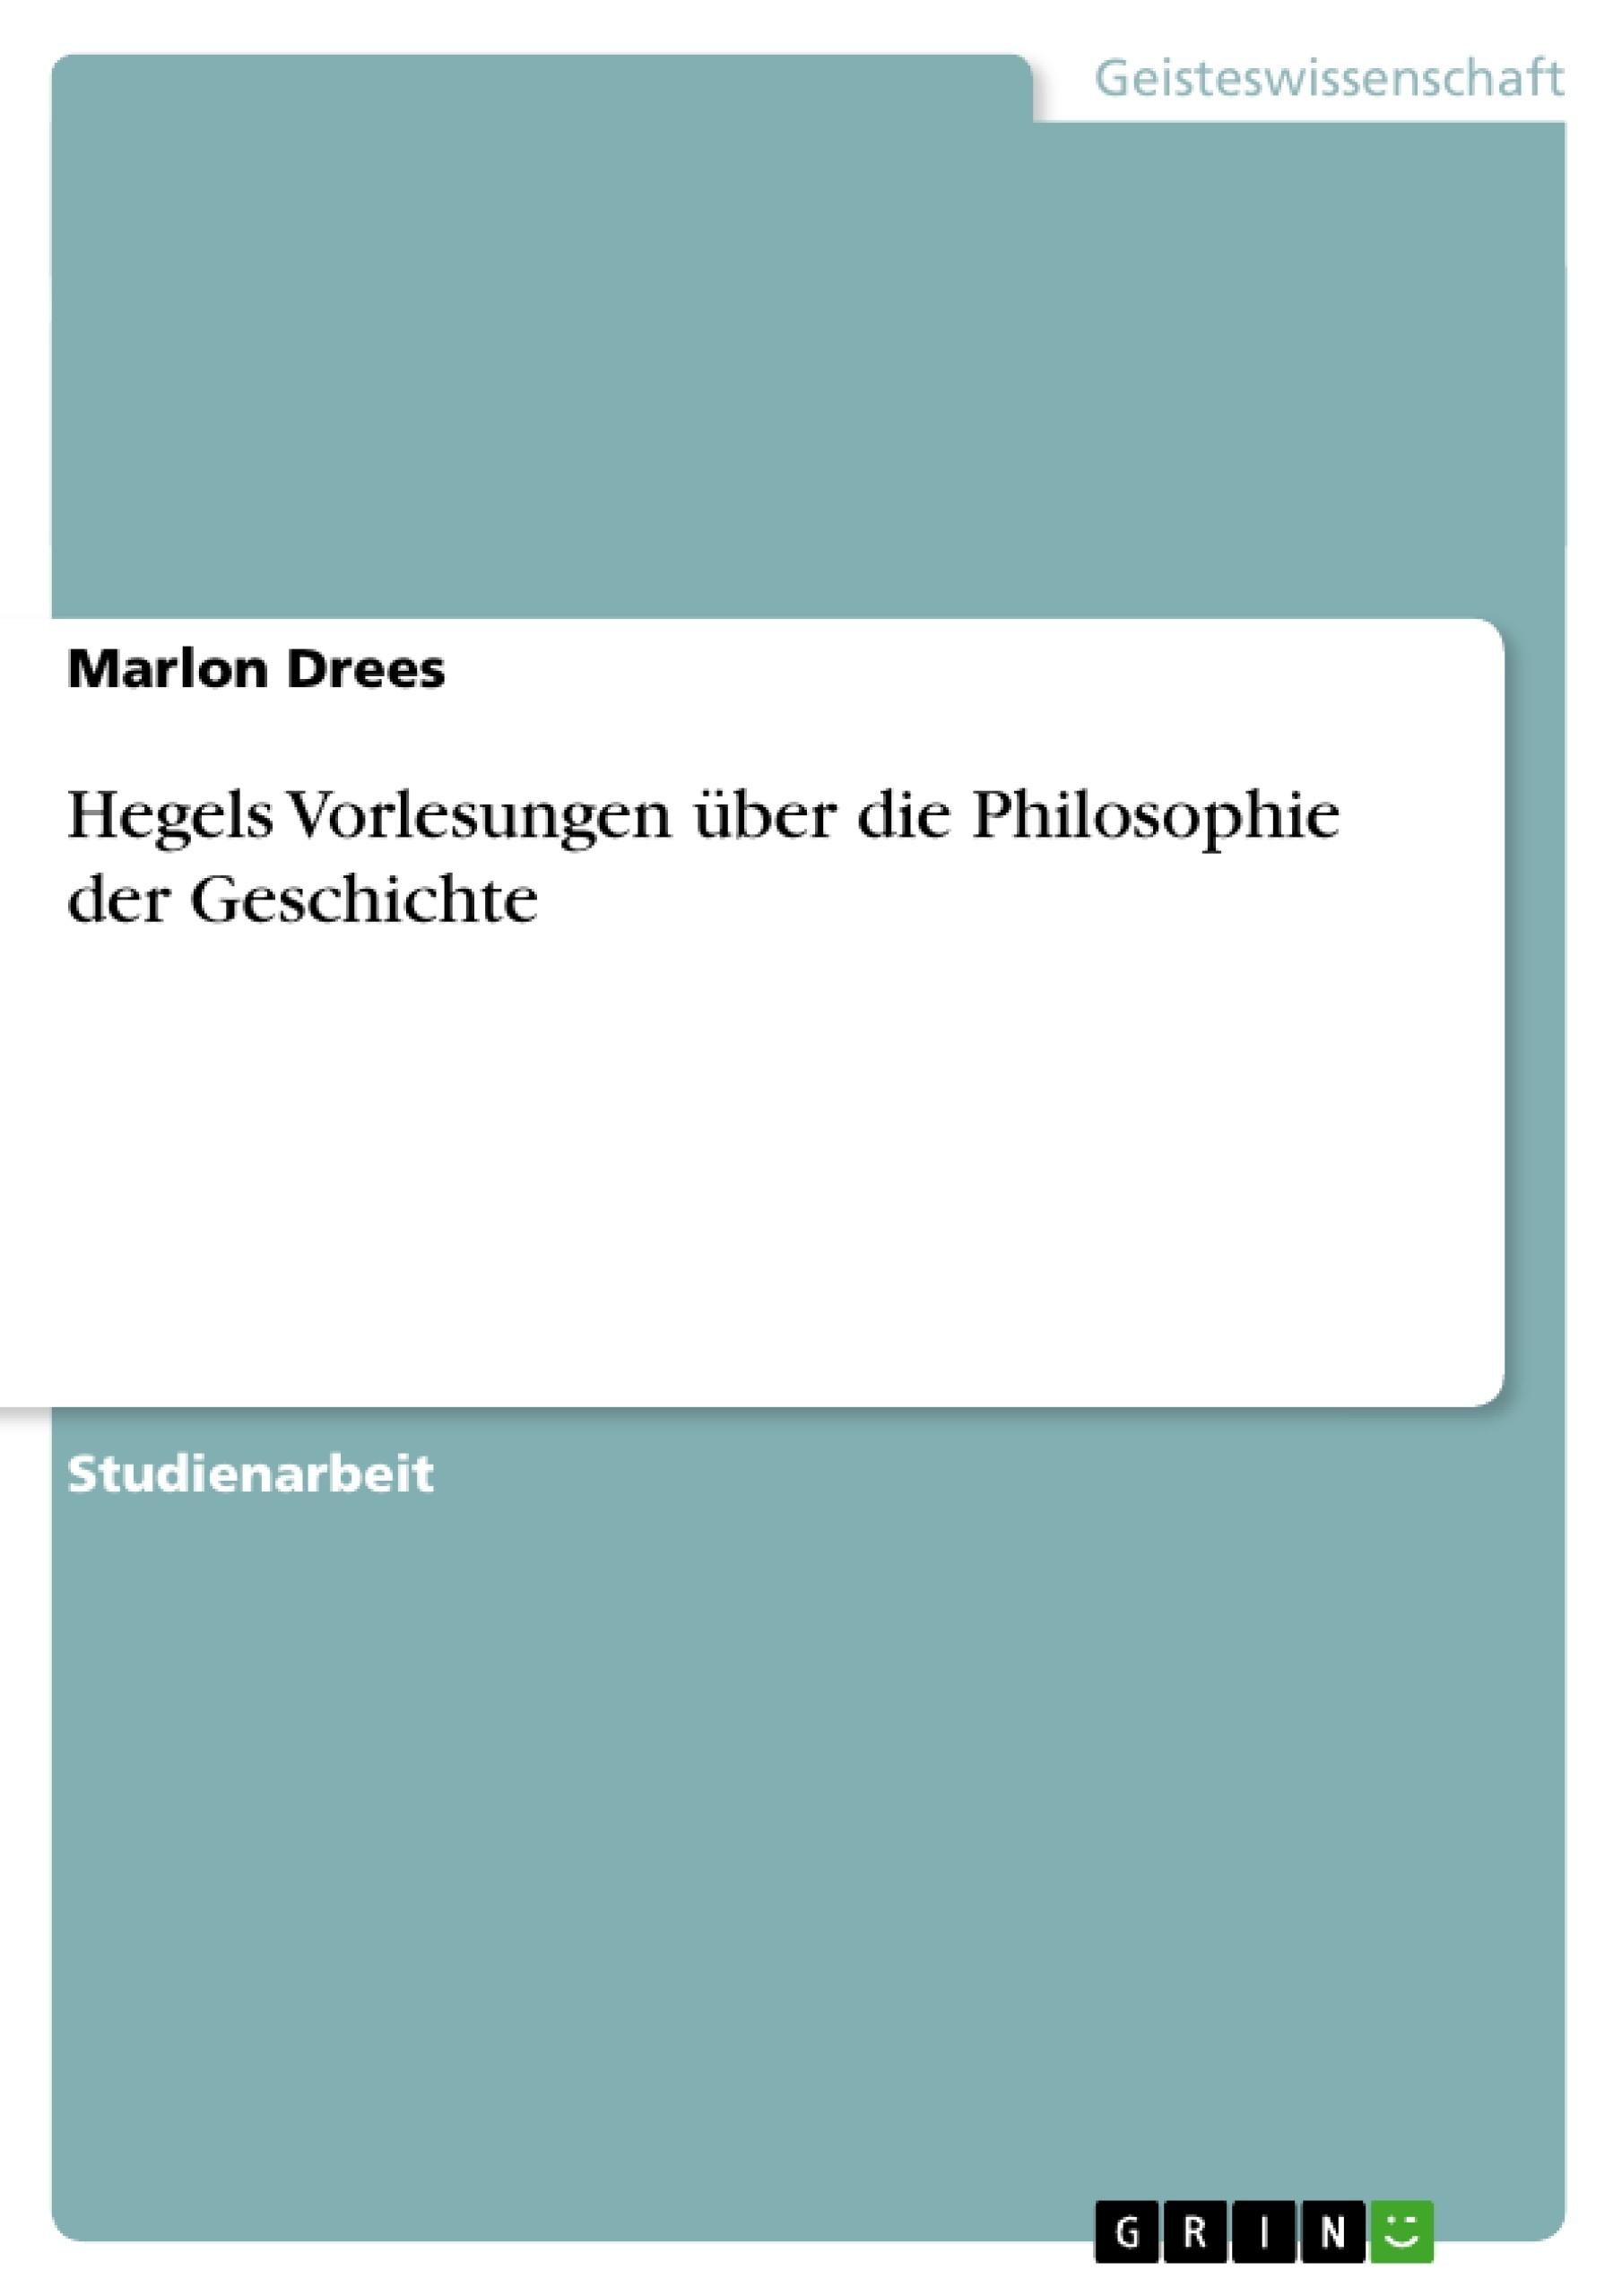 Titel: Hegels Vorlesungen über die Philosophie der Geschichte